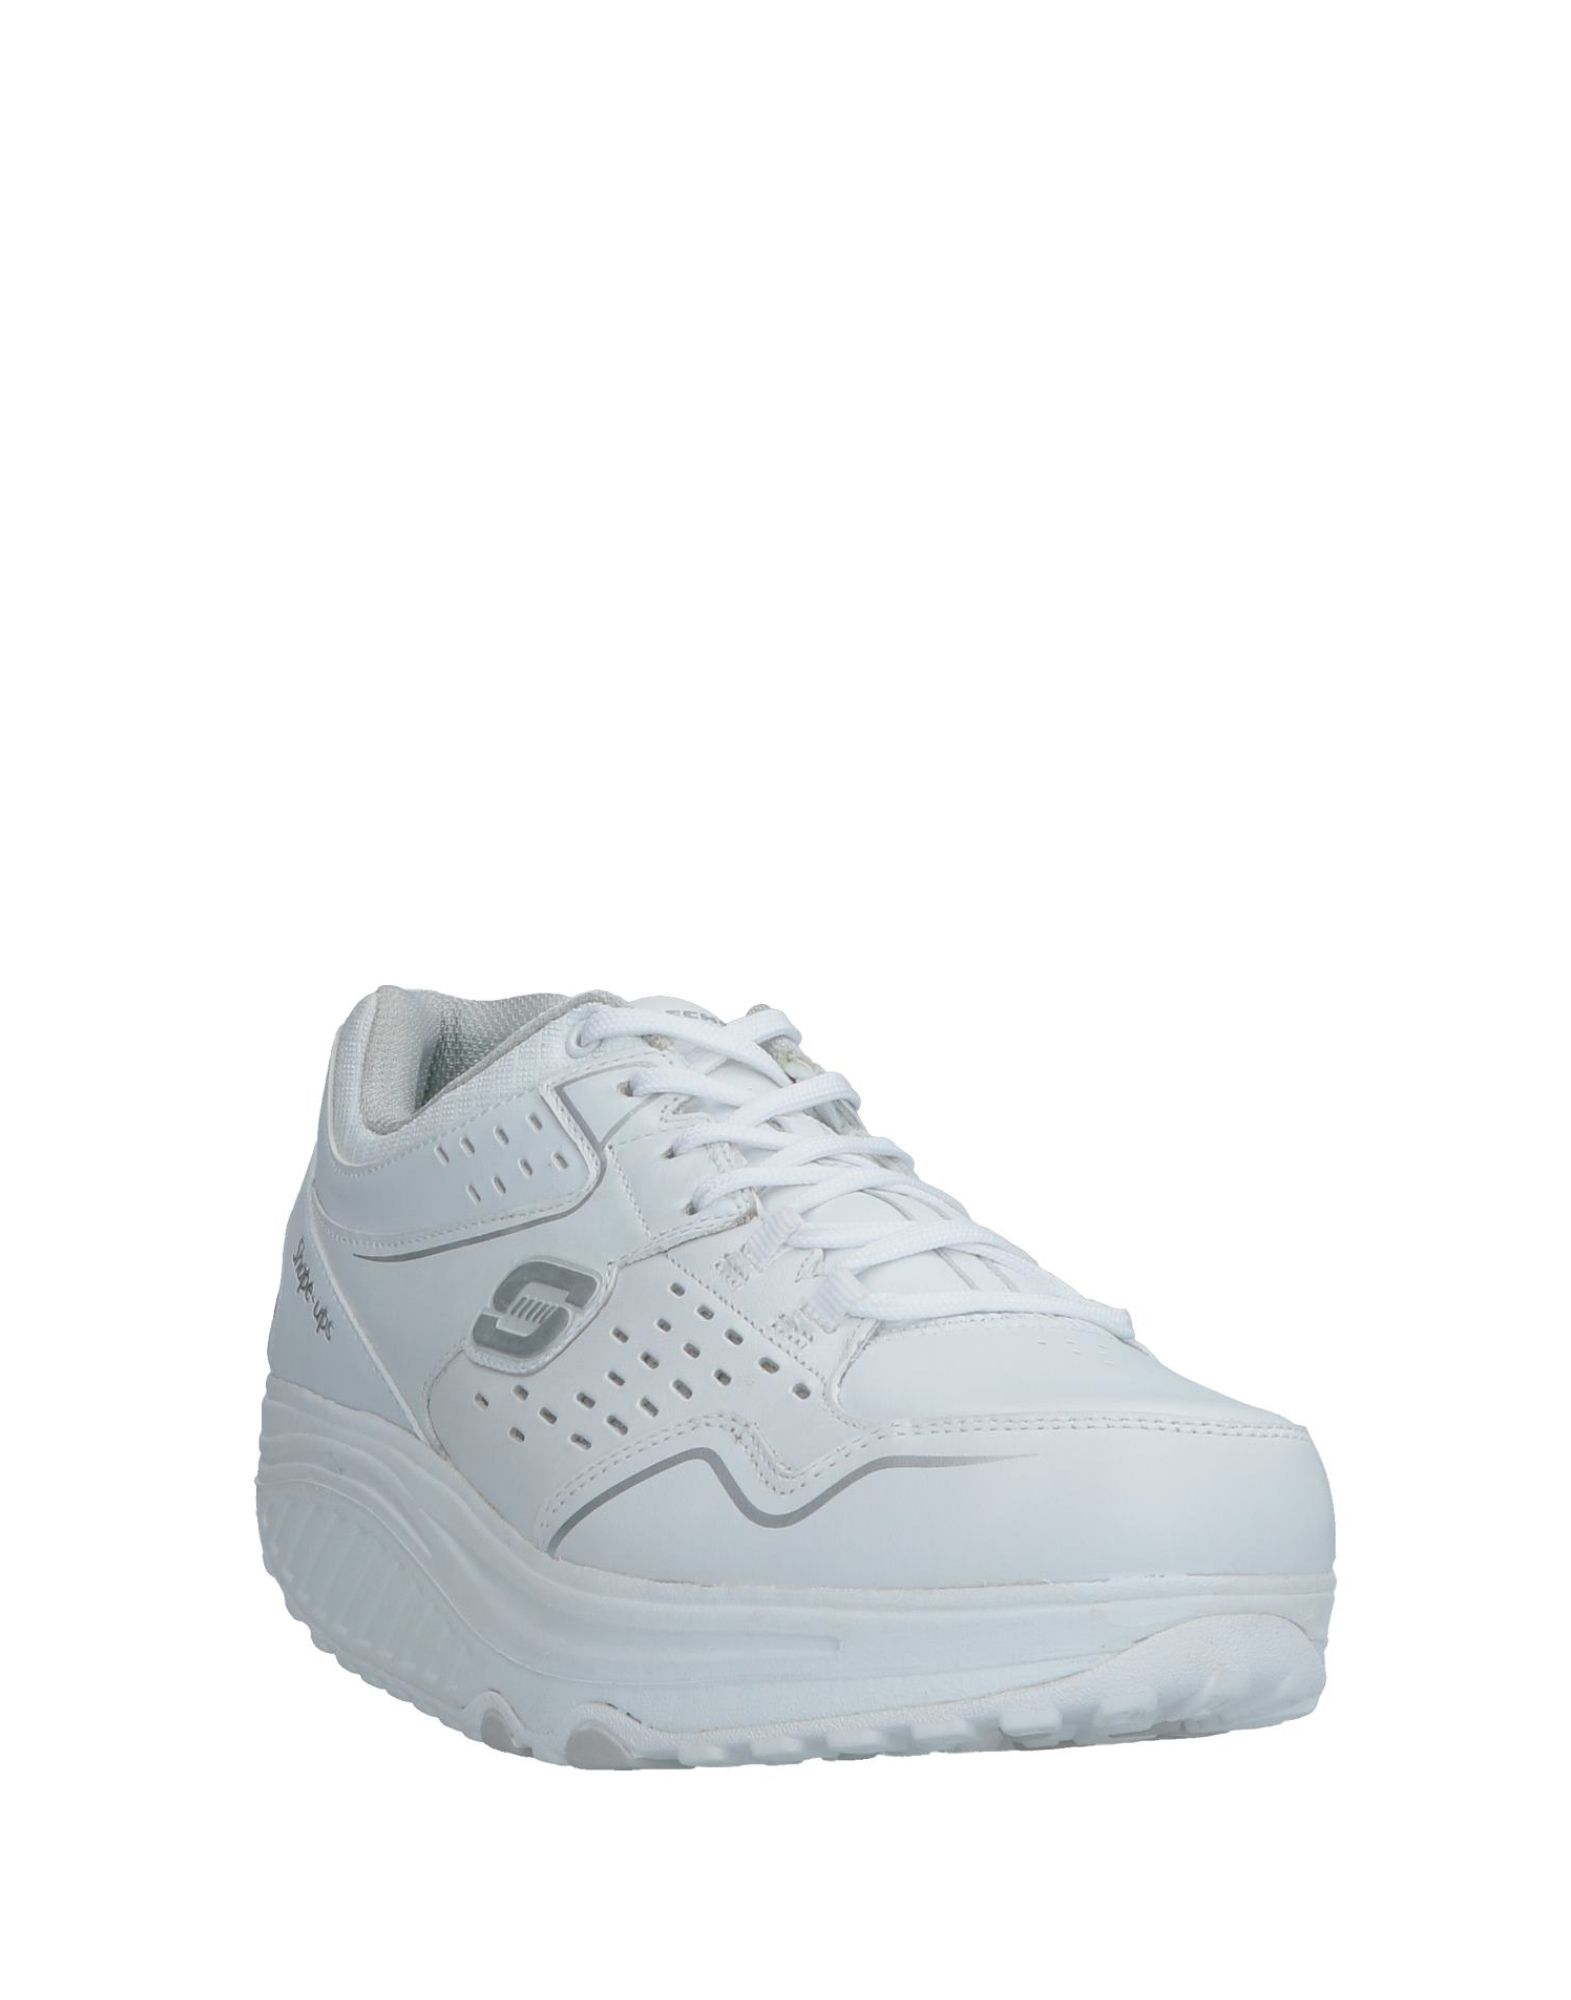 Skechers Skechers Skechers Sneakers Damen Gutes Preis-Leistungs-Verhältnis, es lohnt sich a5d383